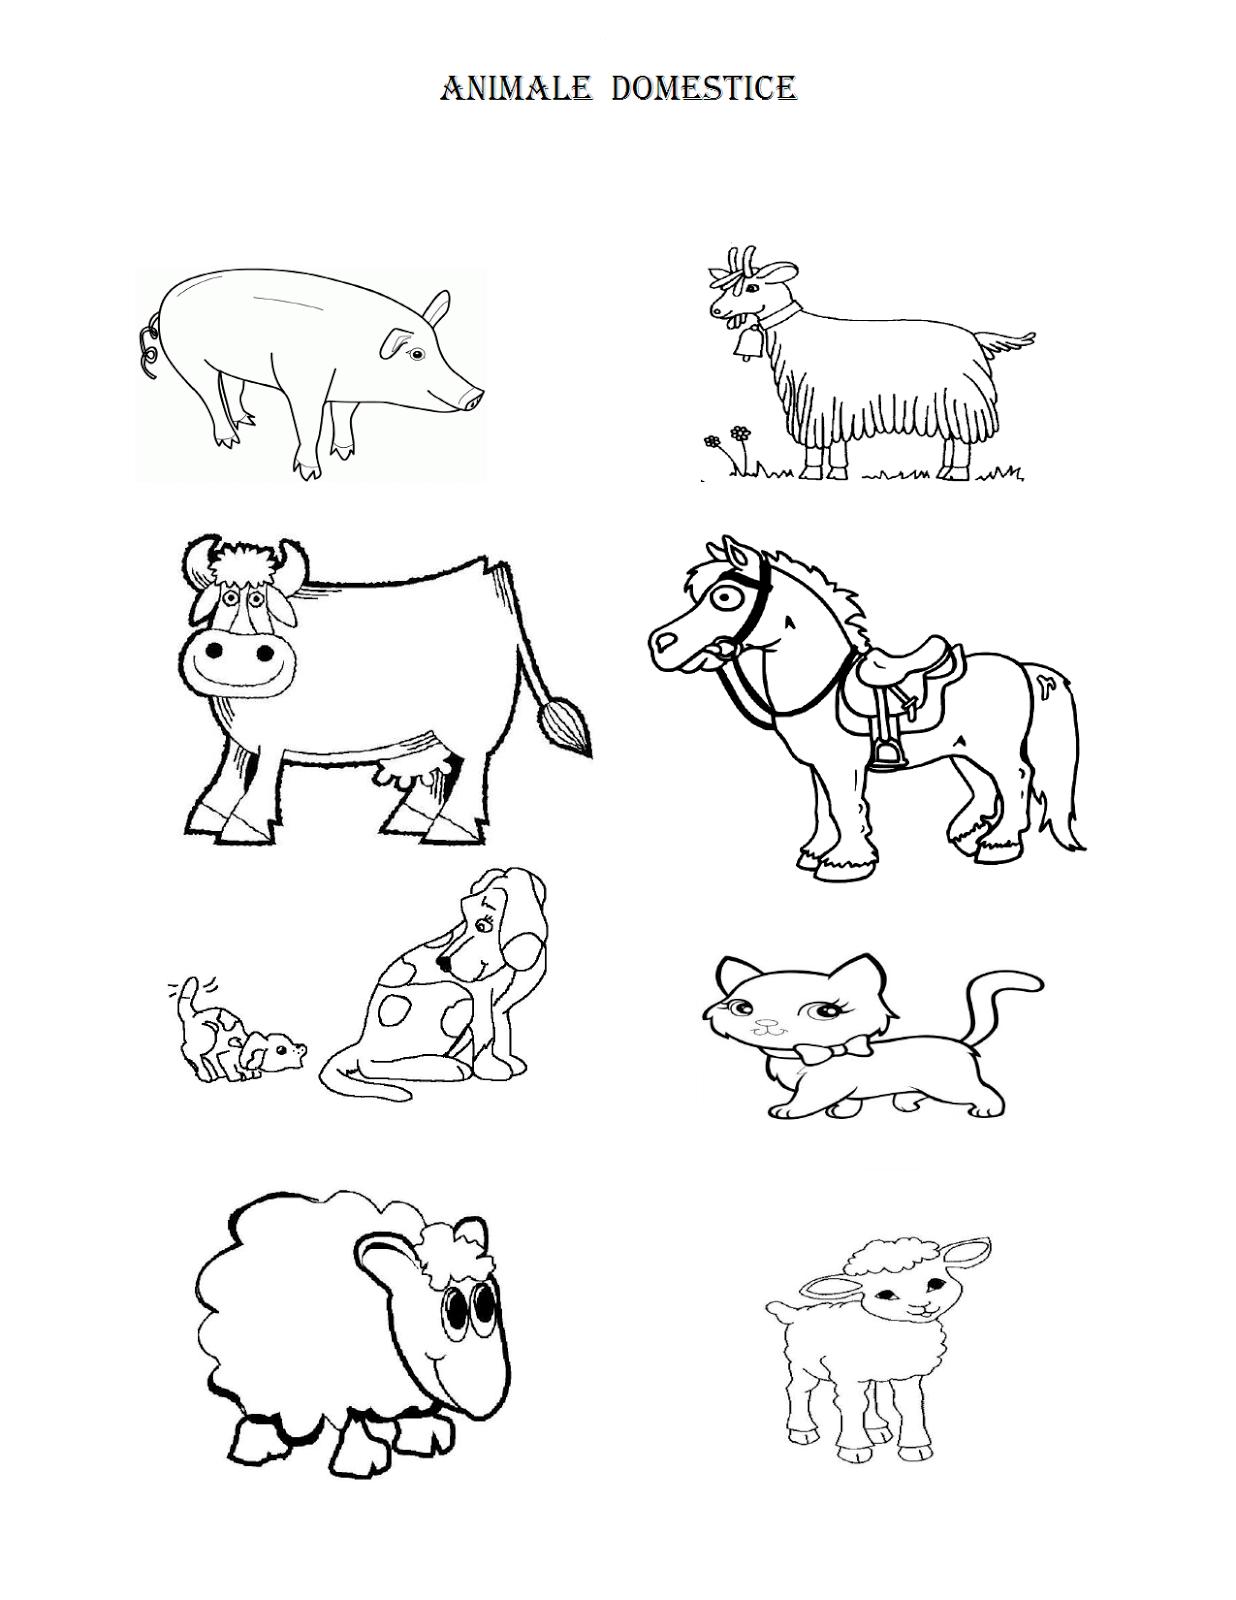 Imagini De Colorat Cu Animale Domestice Fise De Lucru